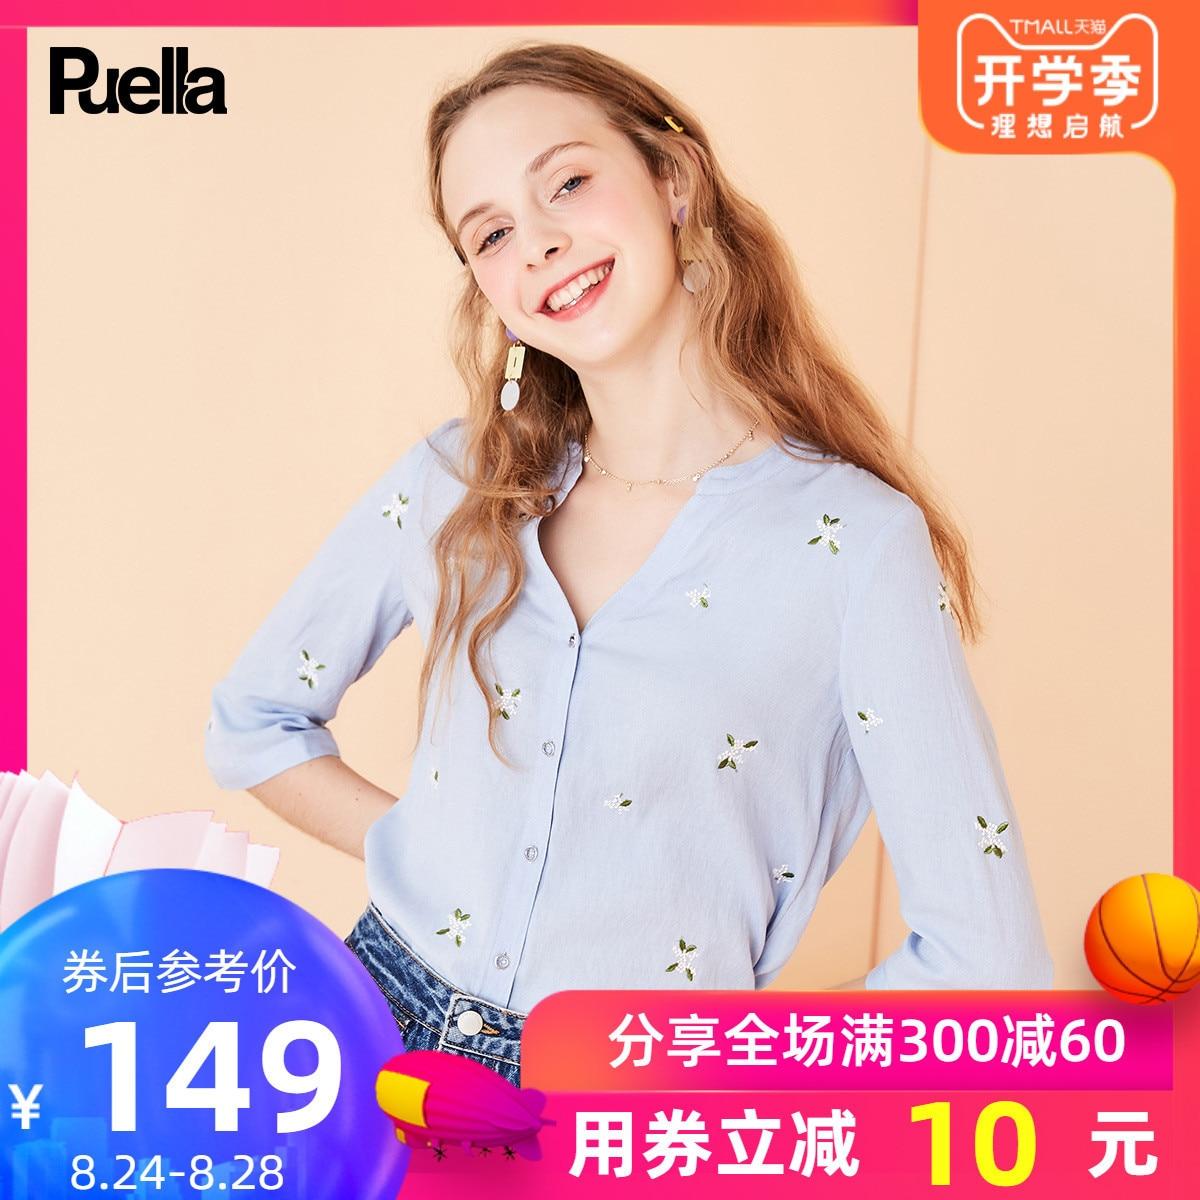 Mousseline de soie école vent chemise femme 2019 automne manches longues facile Niche Hong Kong saveur chemise été